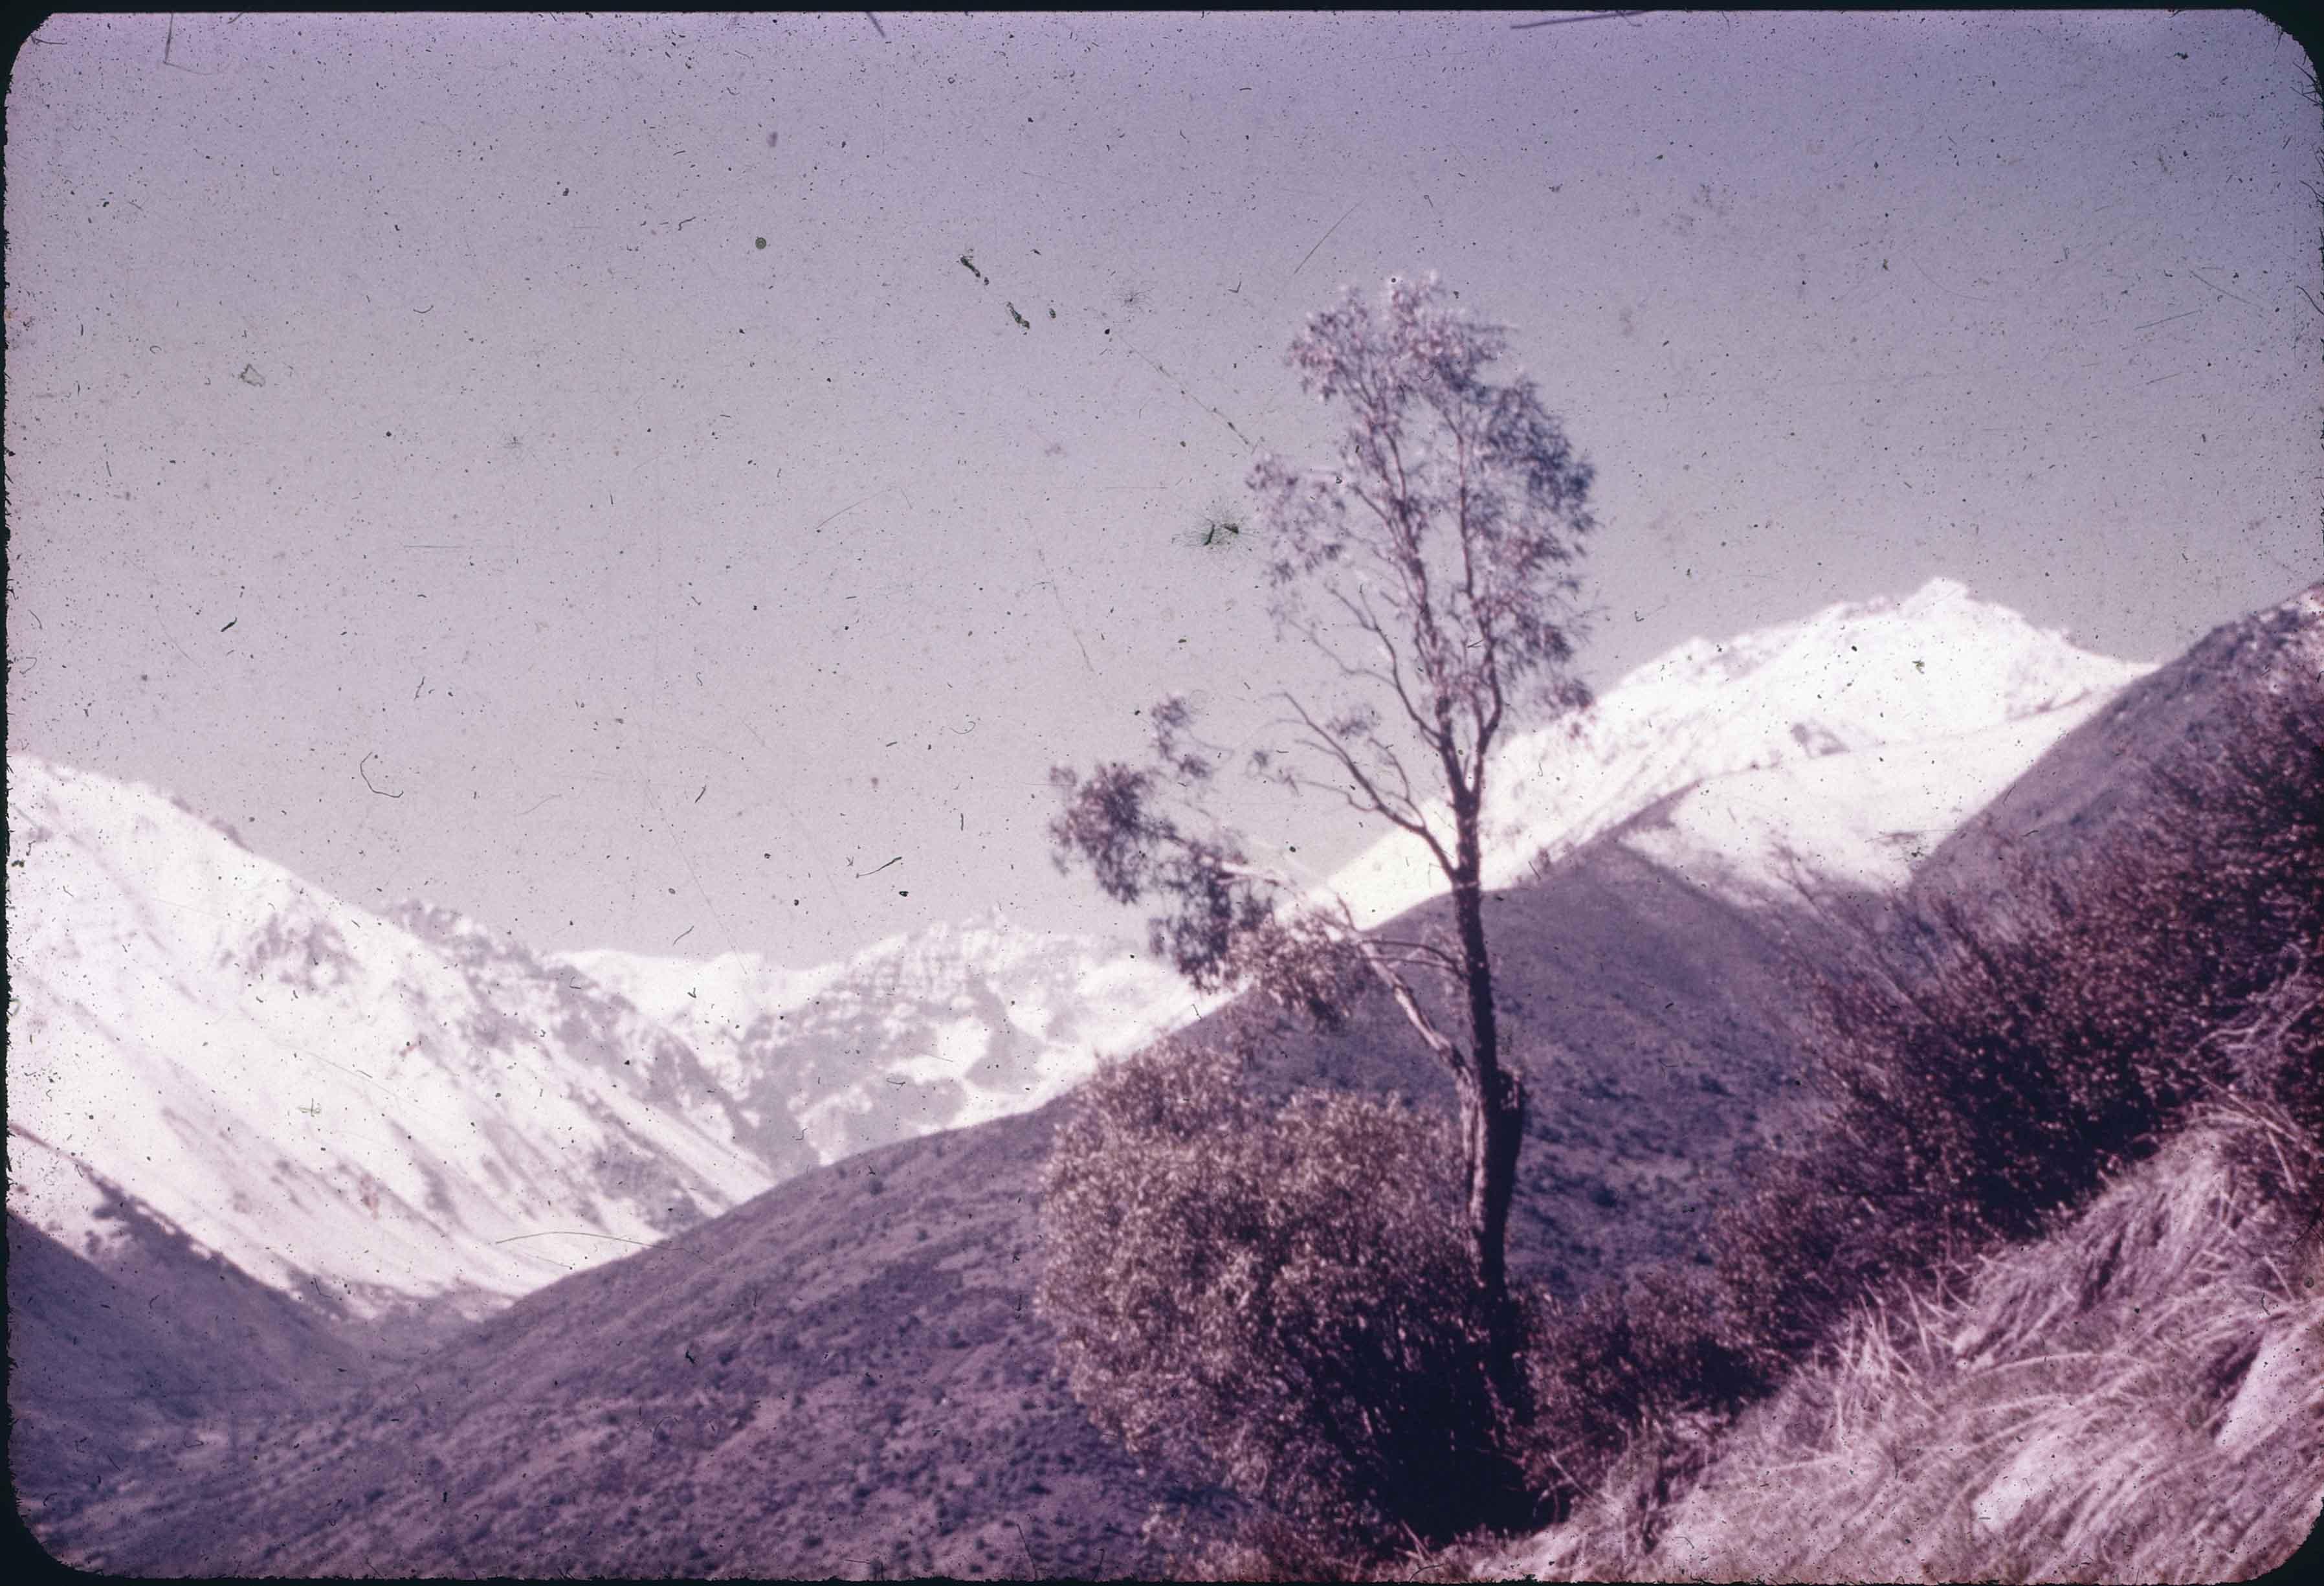 Enterreno - Fotos históricas de chile - fotos antiguas de Chile - Lugar desconocido en los años 60s